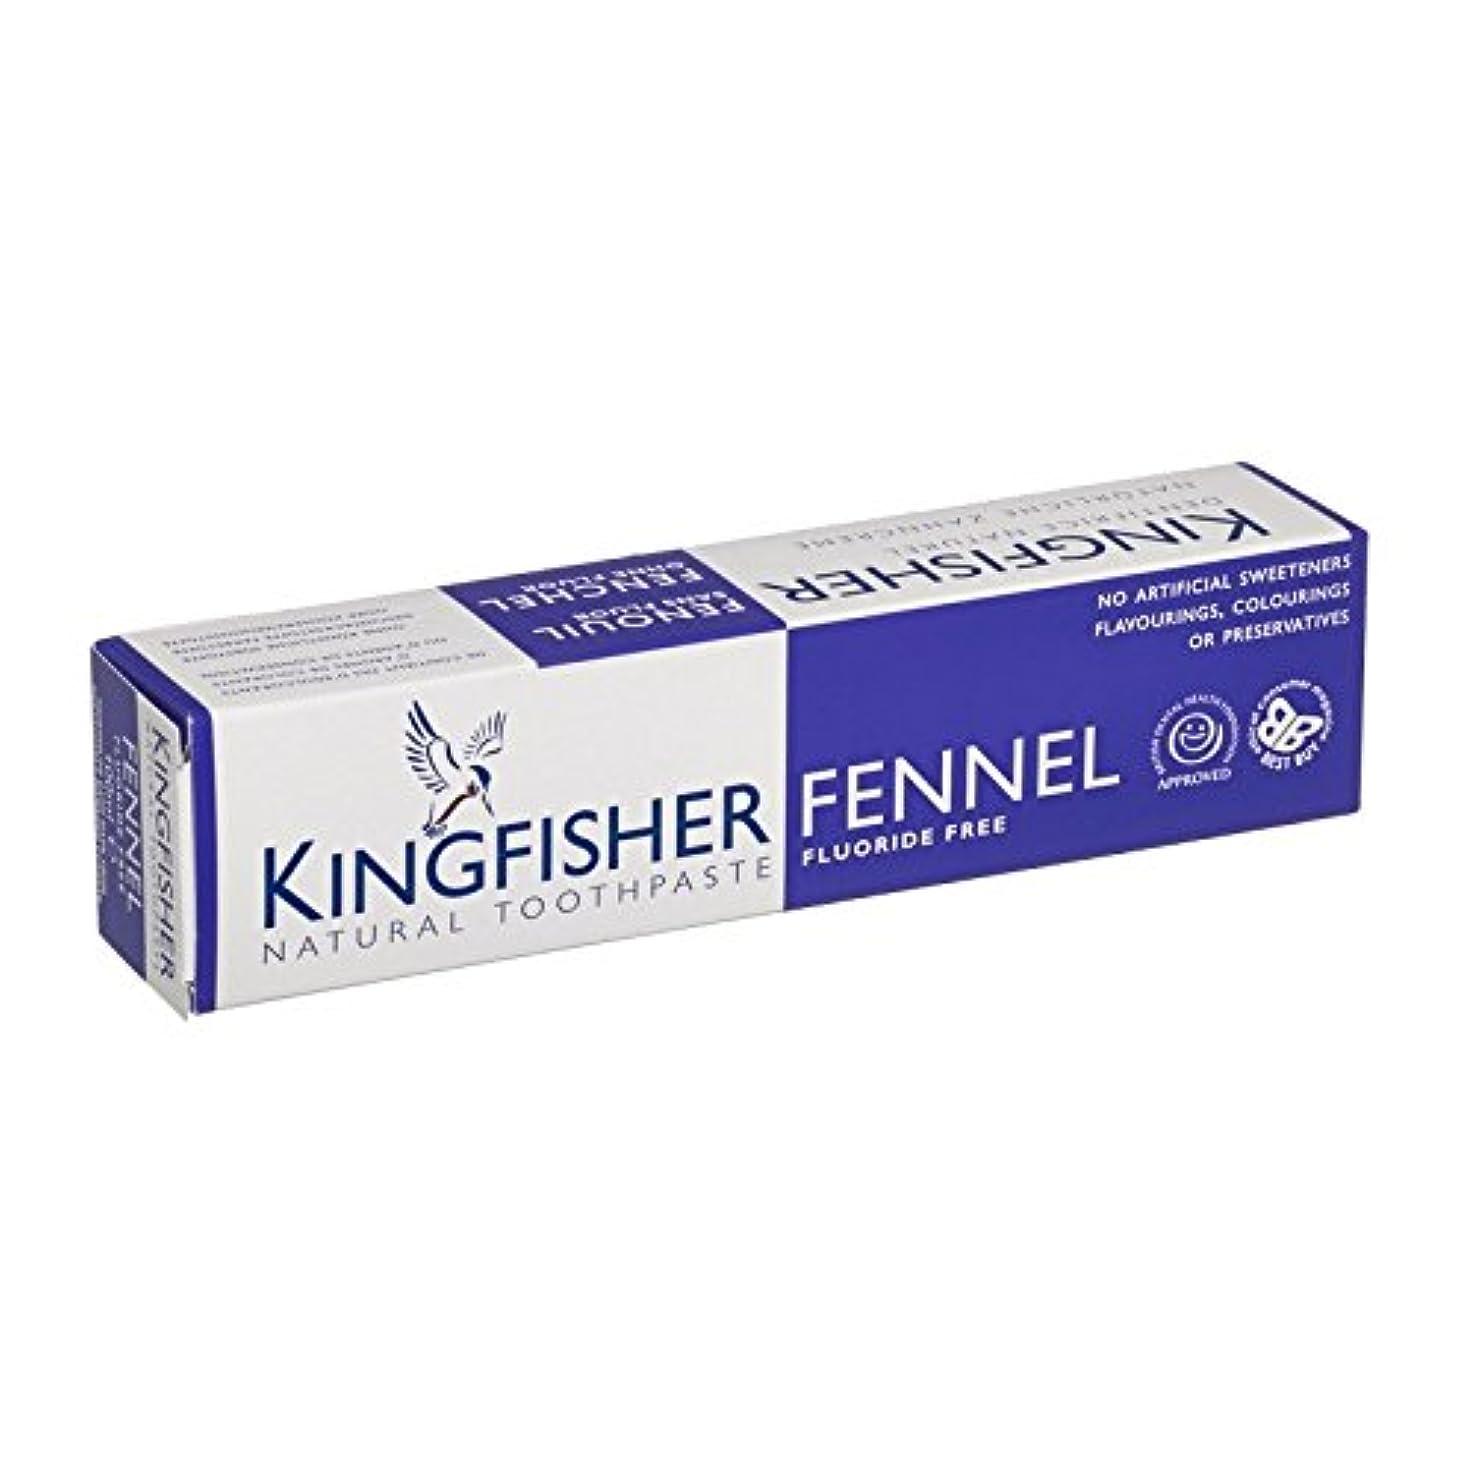 フォアマン人類モックカワセミフッ化物無料ウイキョウ歯磨き粉 - Kingfisher Fluoride Free Fennel Toothpaste (Kingfisher) [並行輸入品]